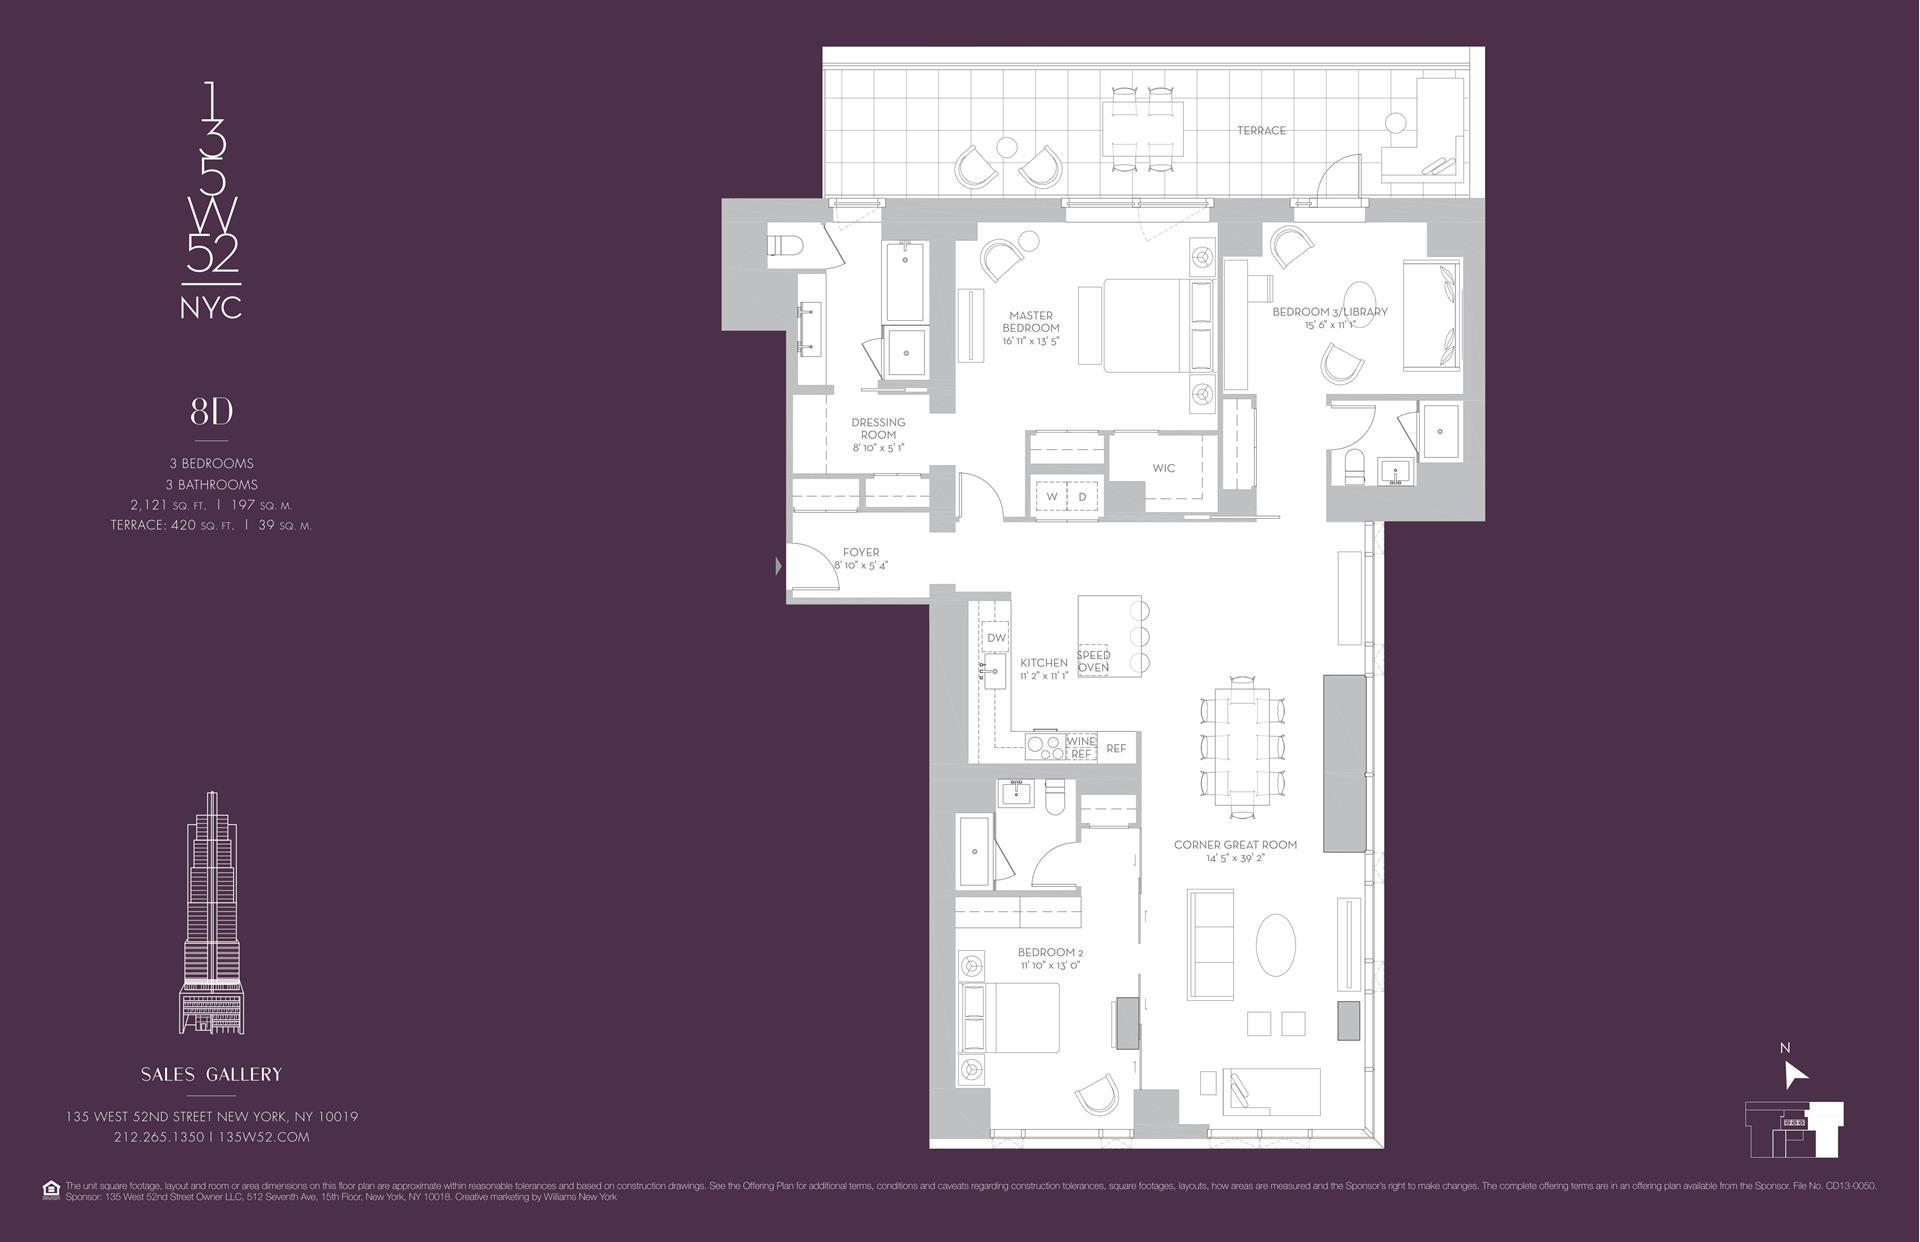 Floor plan of 135 West 52nd Street, 8D - Midtown, New York